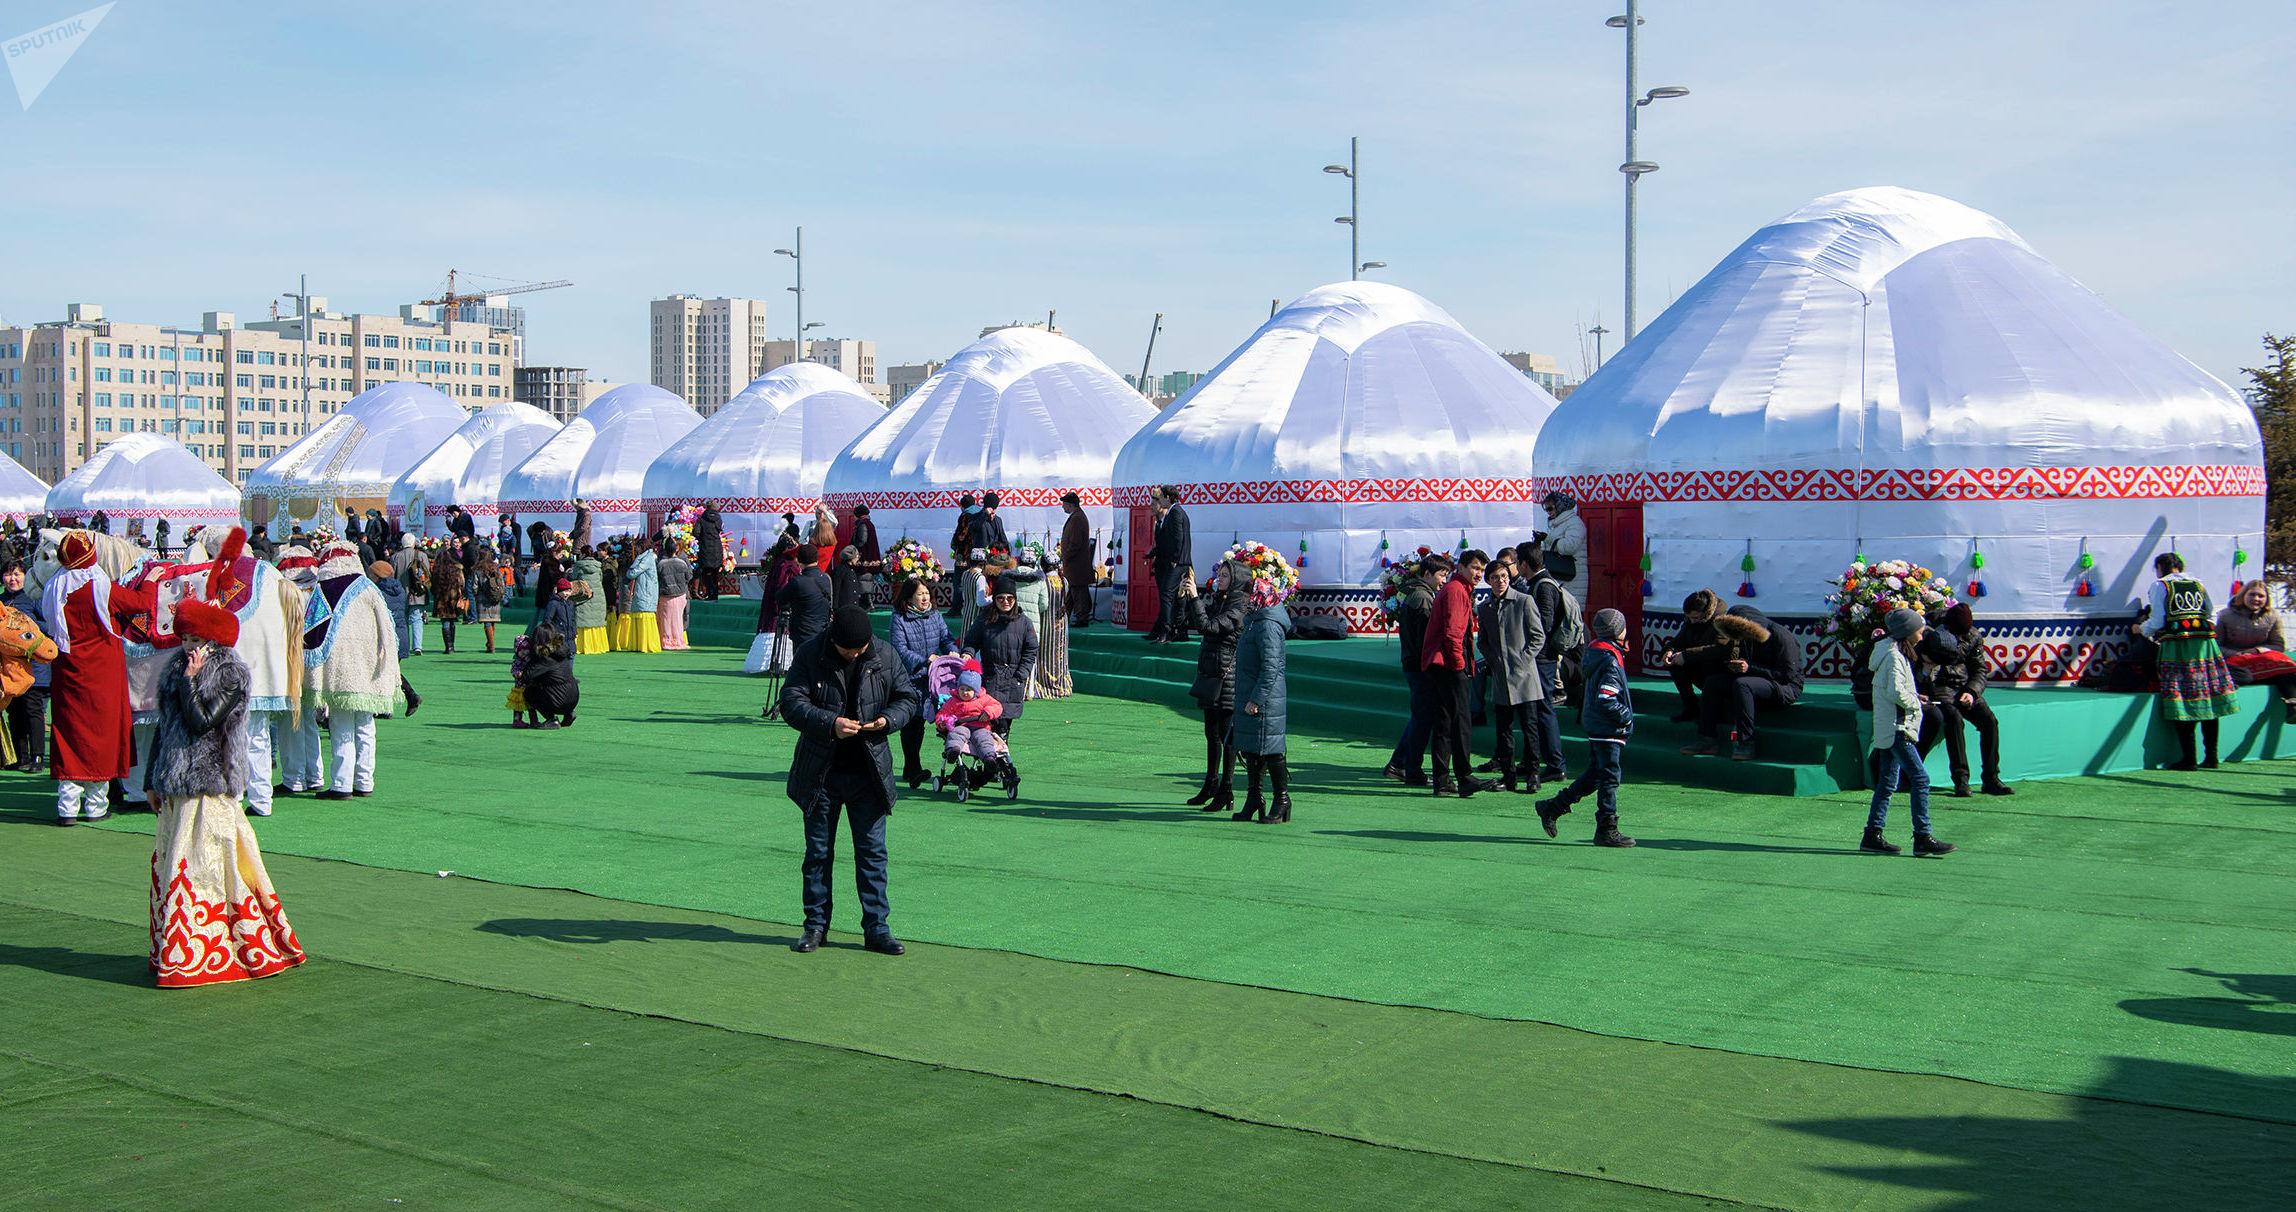 Этноаул на территории проведения выставки ЭКСПО-2017